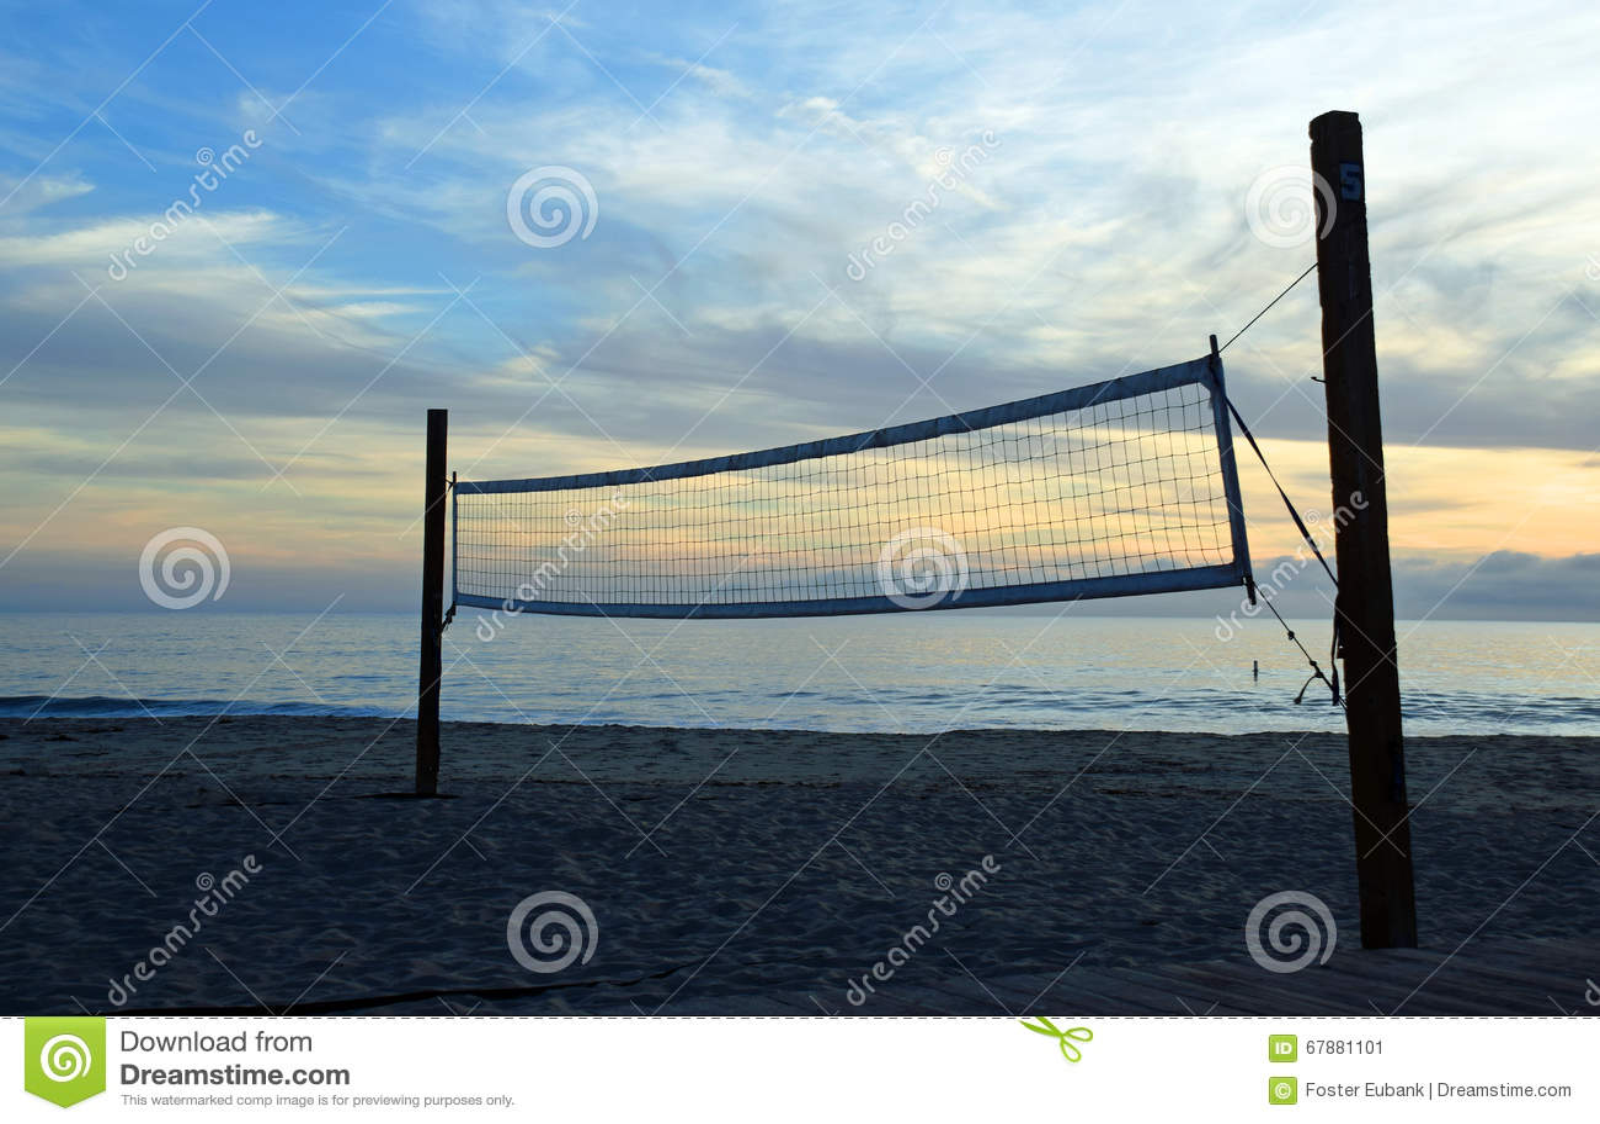 与网的空的vollyball法院在拉古纳海滩,加利福尼亚的主要海滩